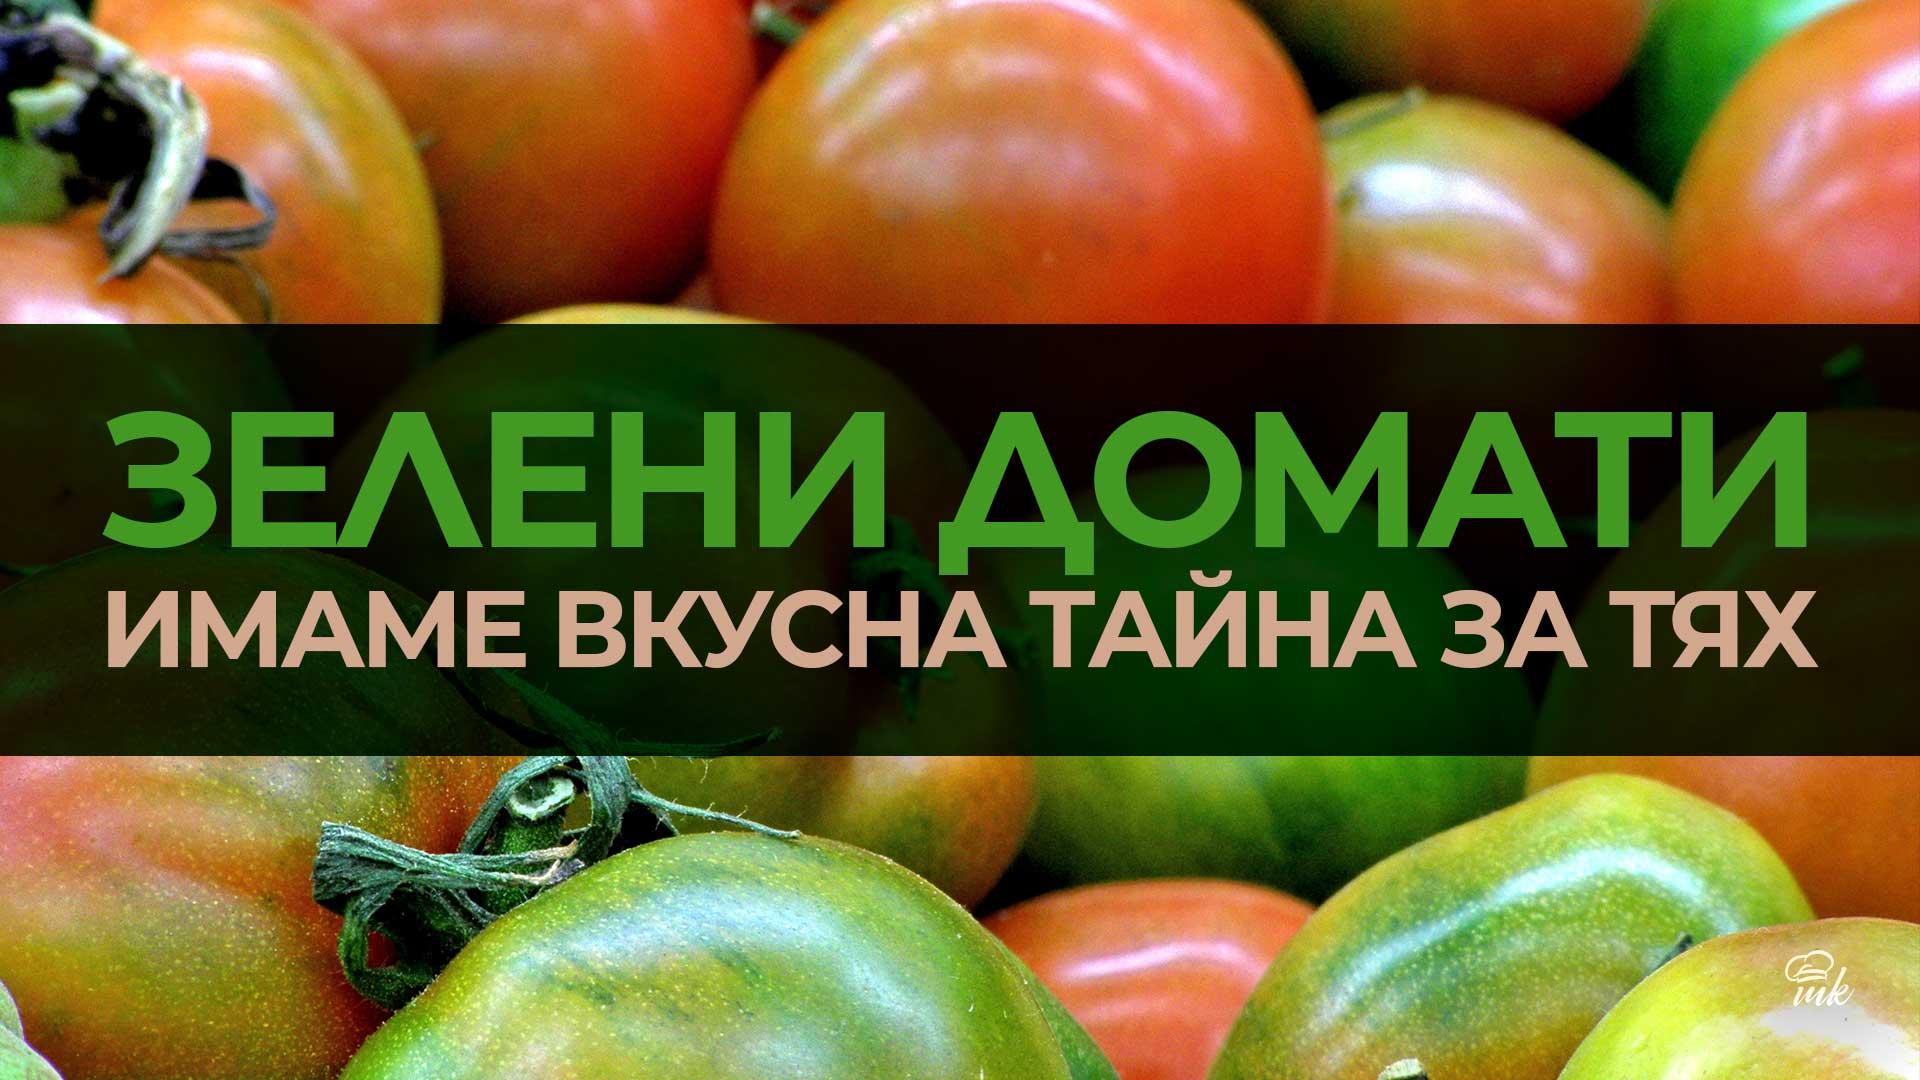 Рекламно изображение за публикация за зелените домати